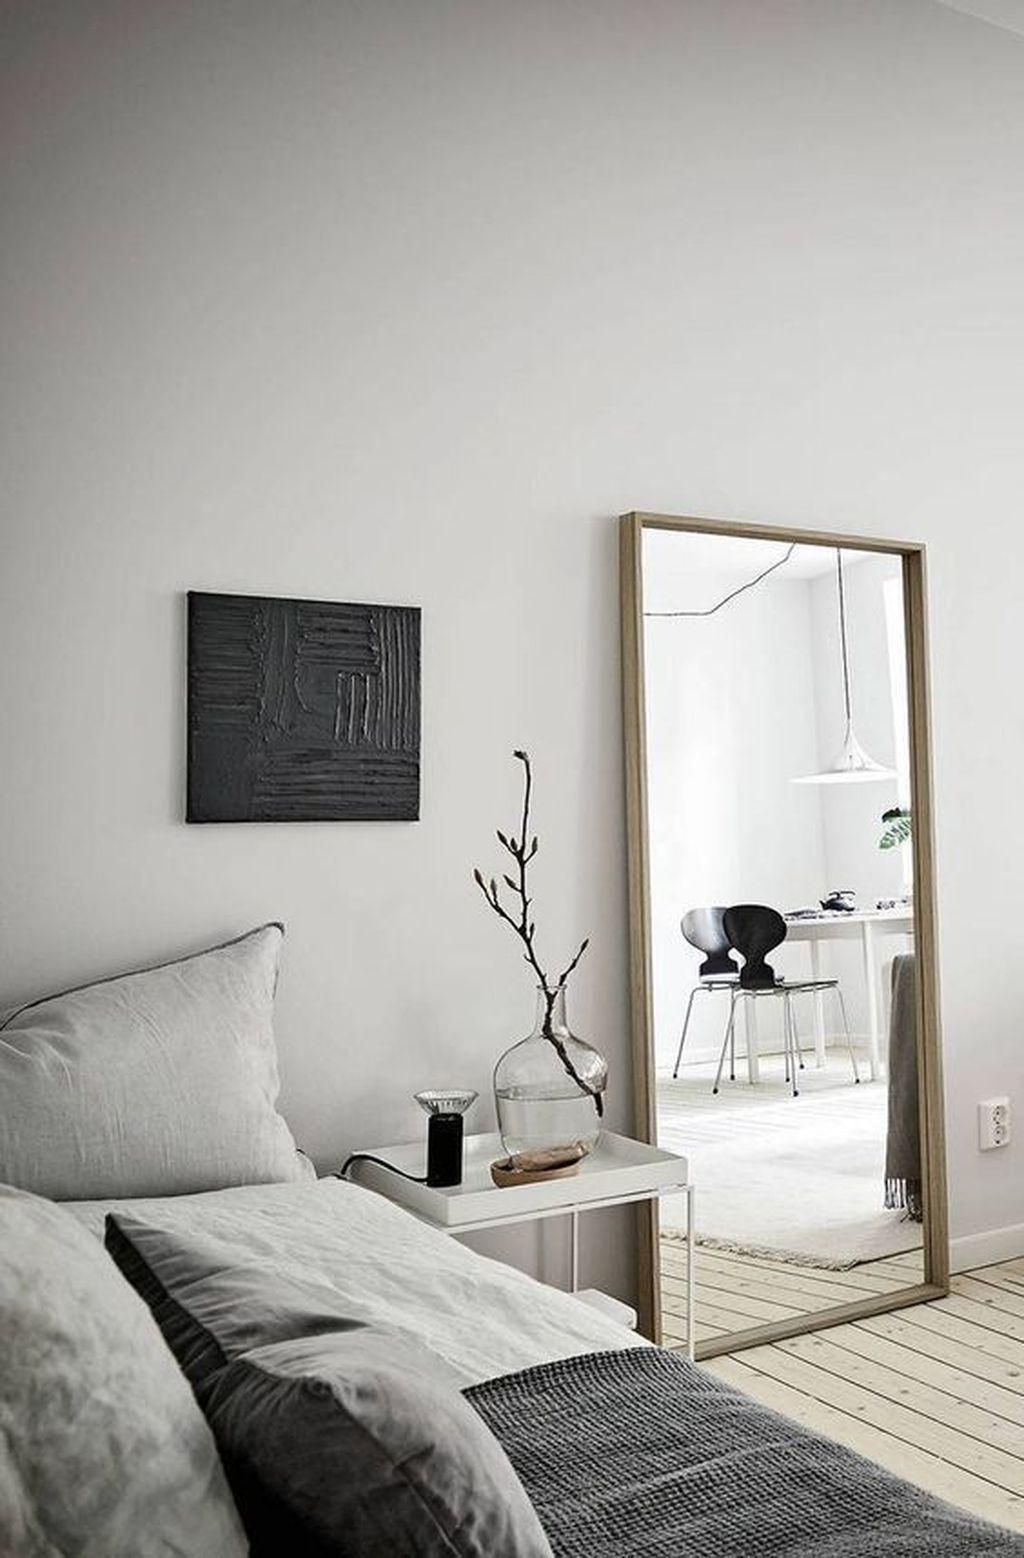 37 Best Minimalist Home Interior Design Ideas With ...